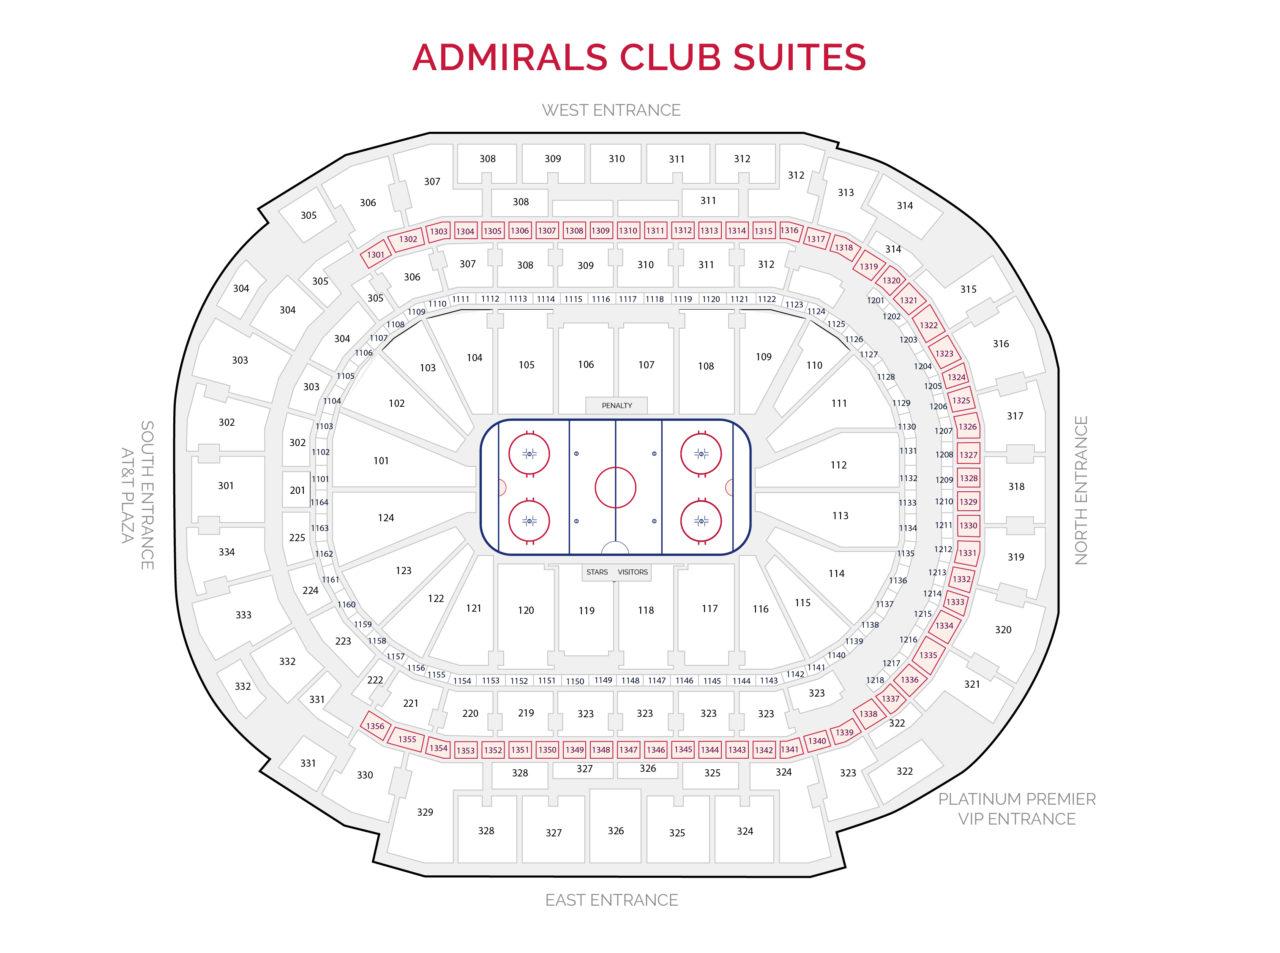 Dallas Stars Suites - Admirals Club